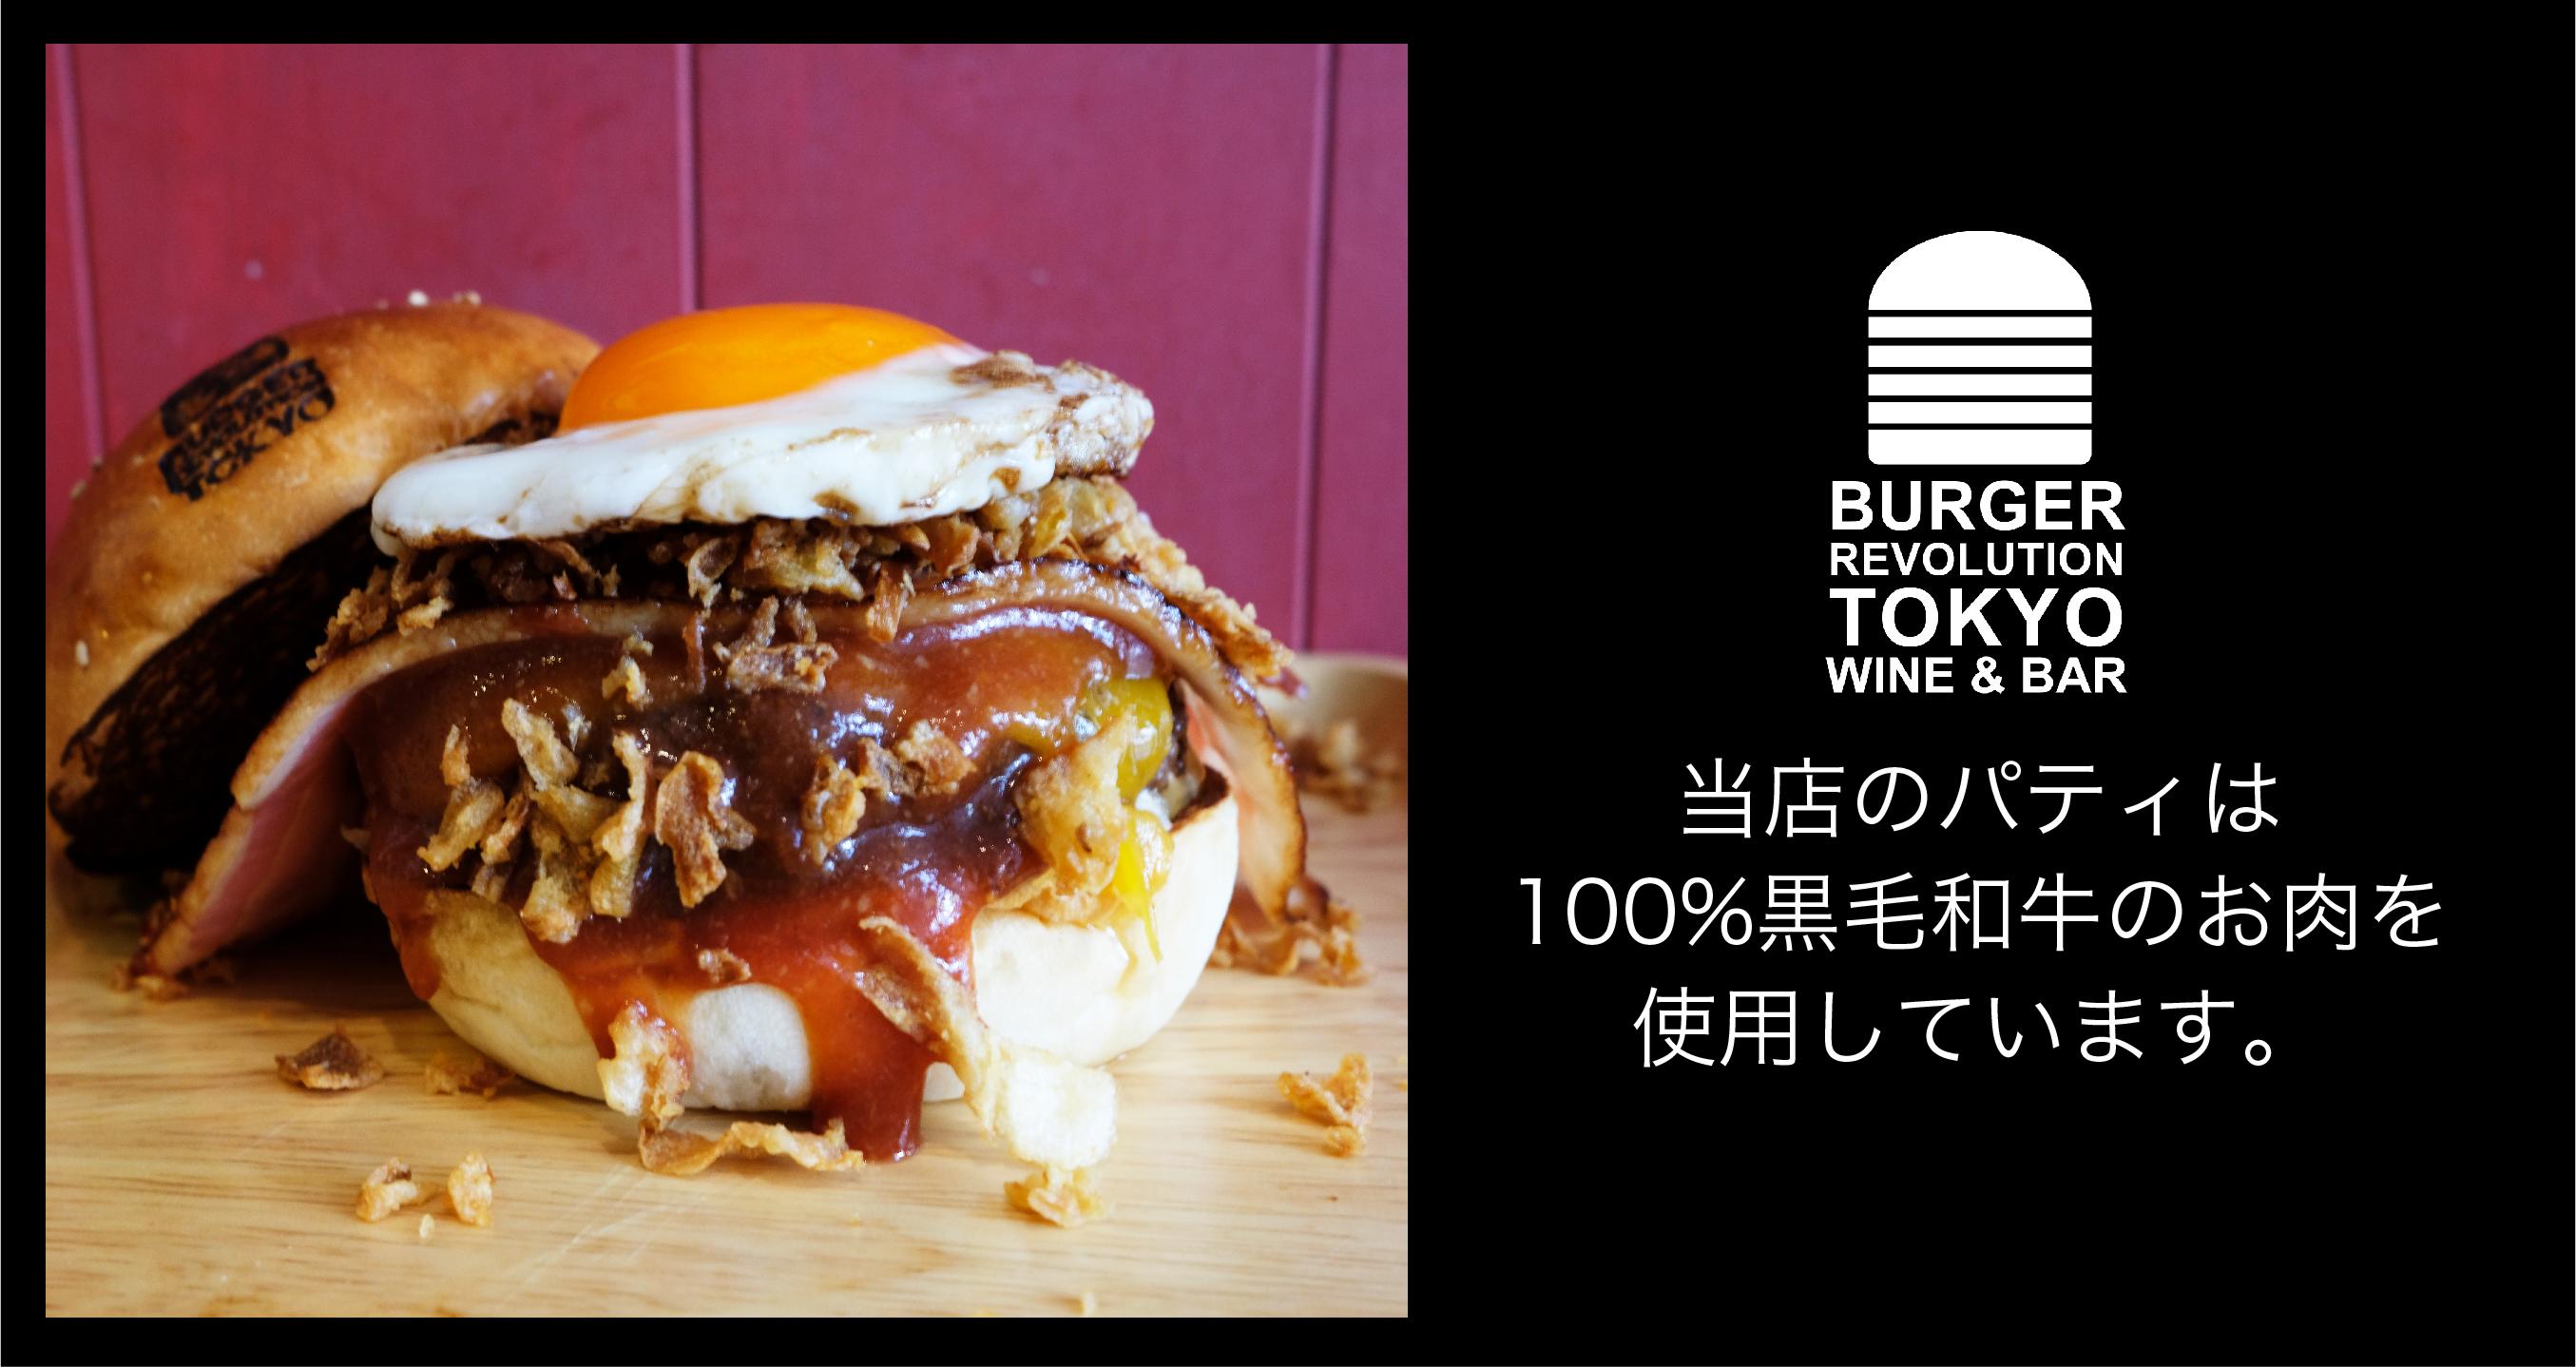 Burger Revolution Tokyo Wine & Bar 六本木店